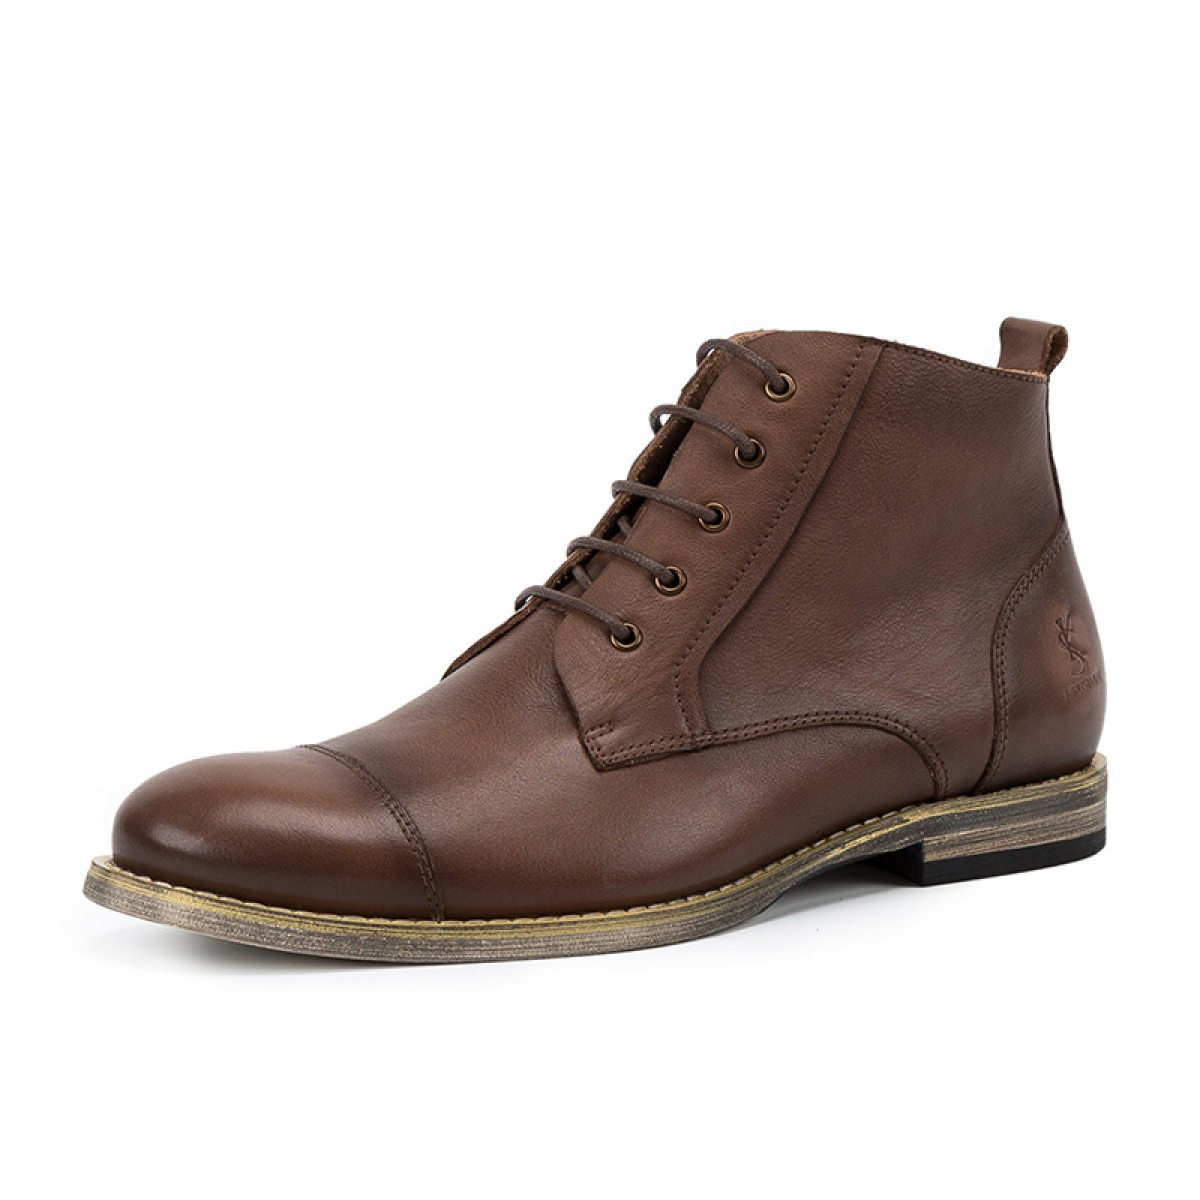 Männer Martin Schuhe Schnürschuhe Brogues Schuhe Für Männer Geschäft Smart Formelle Büro Lederschuhe